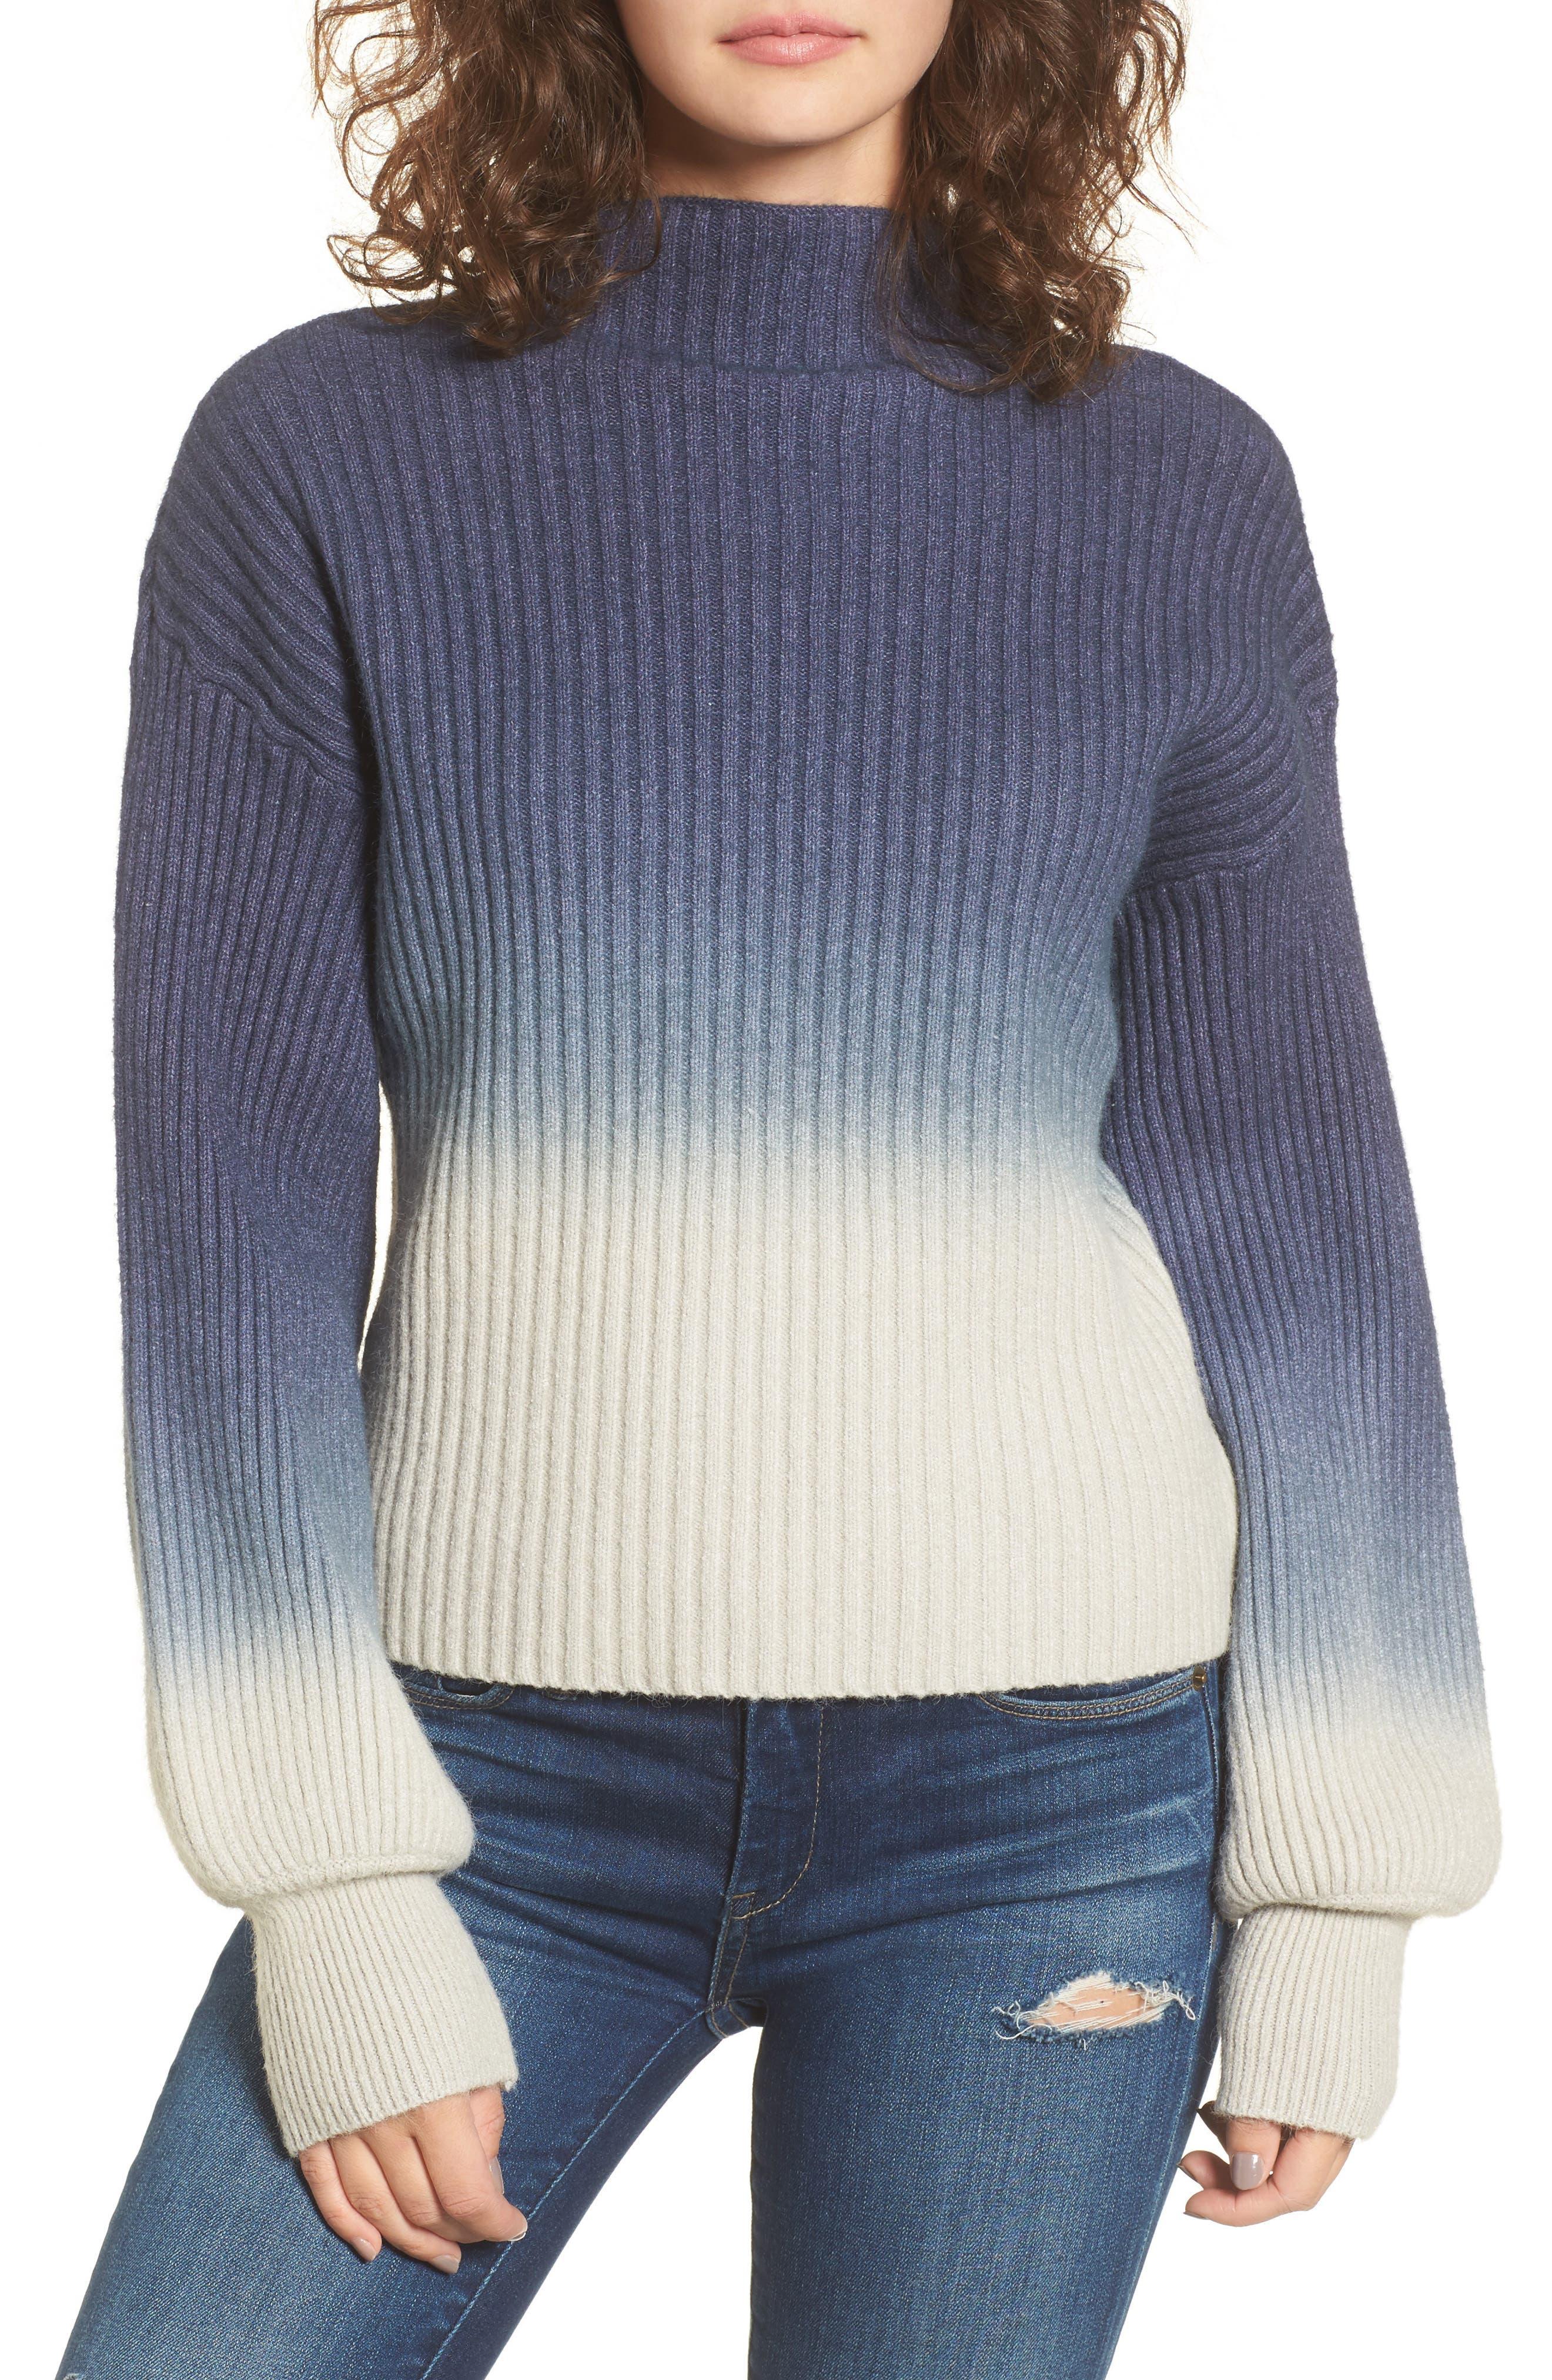 Ombré Sweater,                             Main thumbnail 1, color,                             Blue/ White